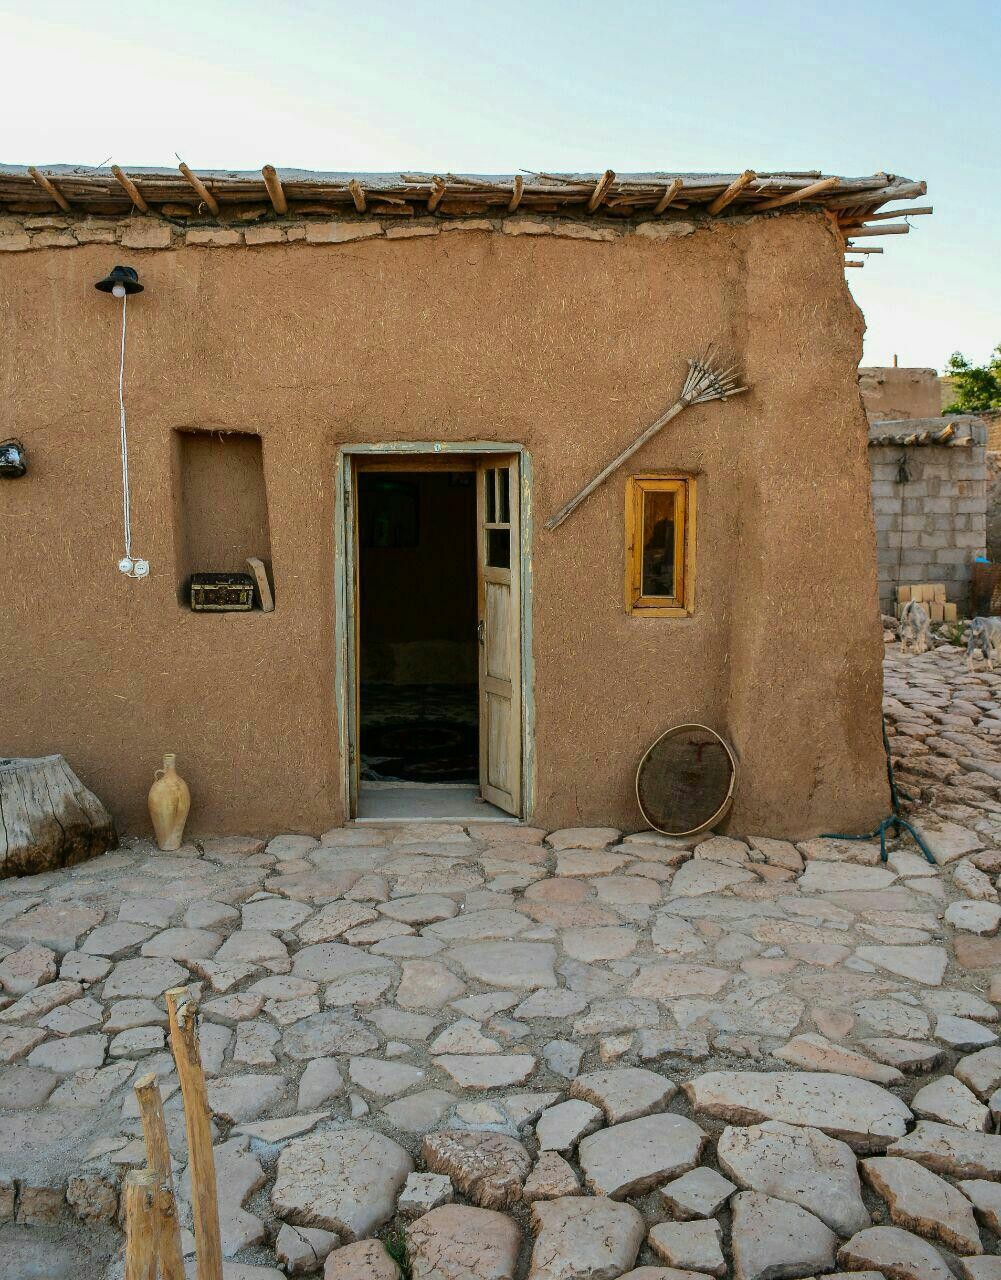 بوم گردی هتل سنتی صفاشهر-اتاق شاه نشین شماره 11